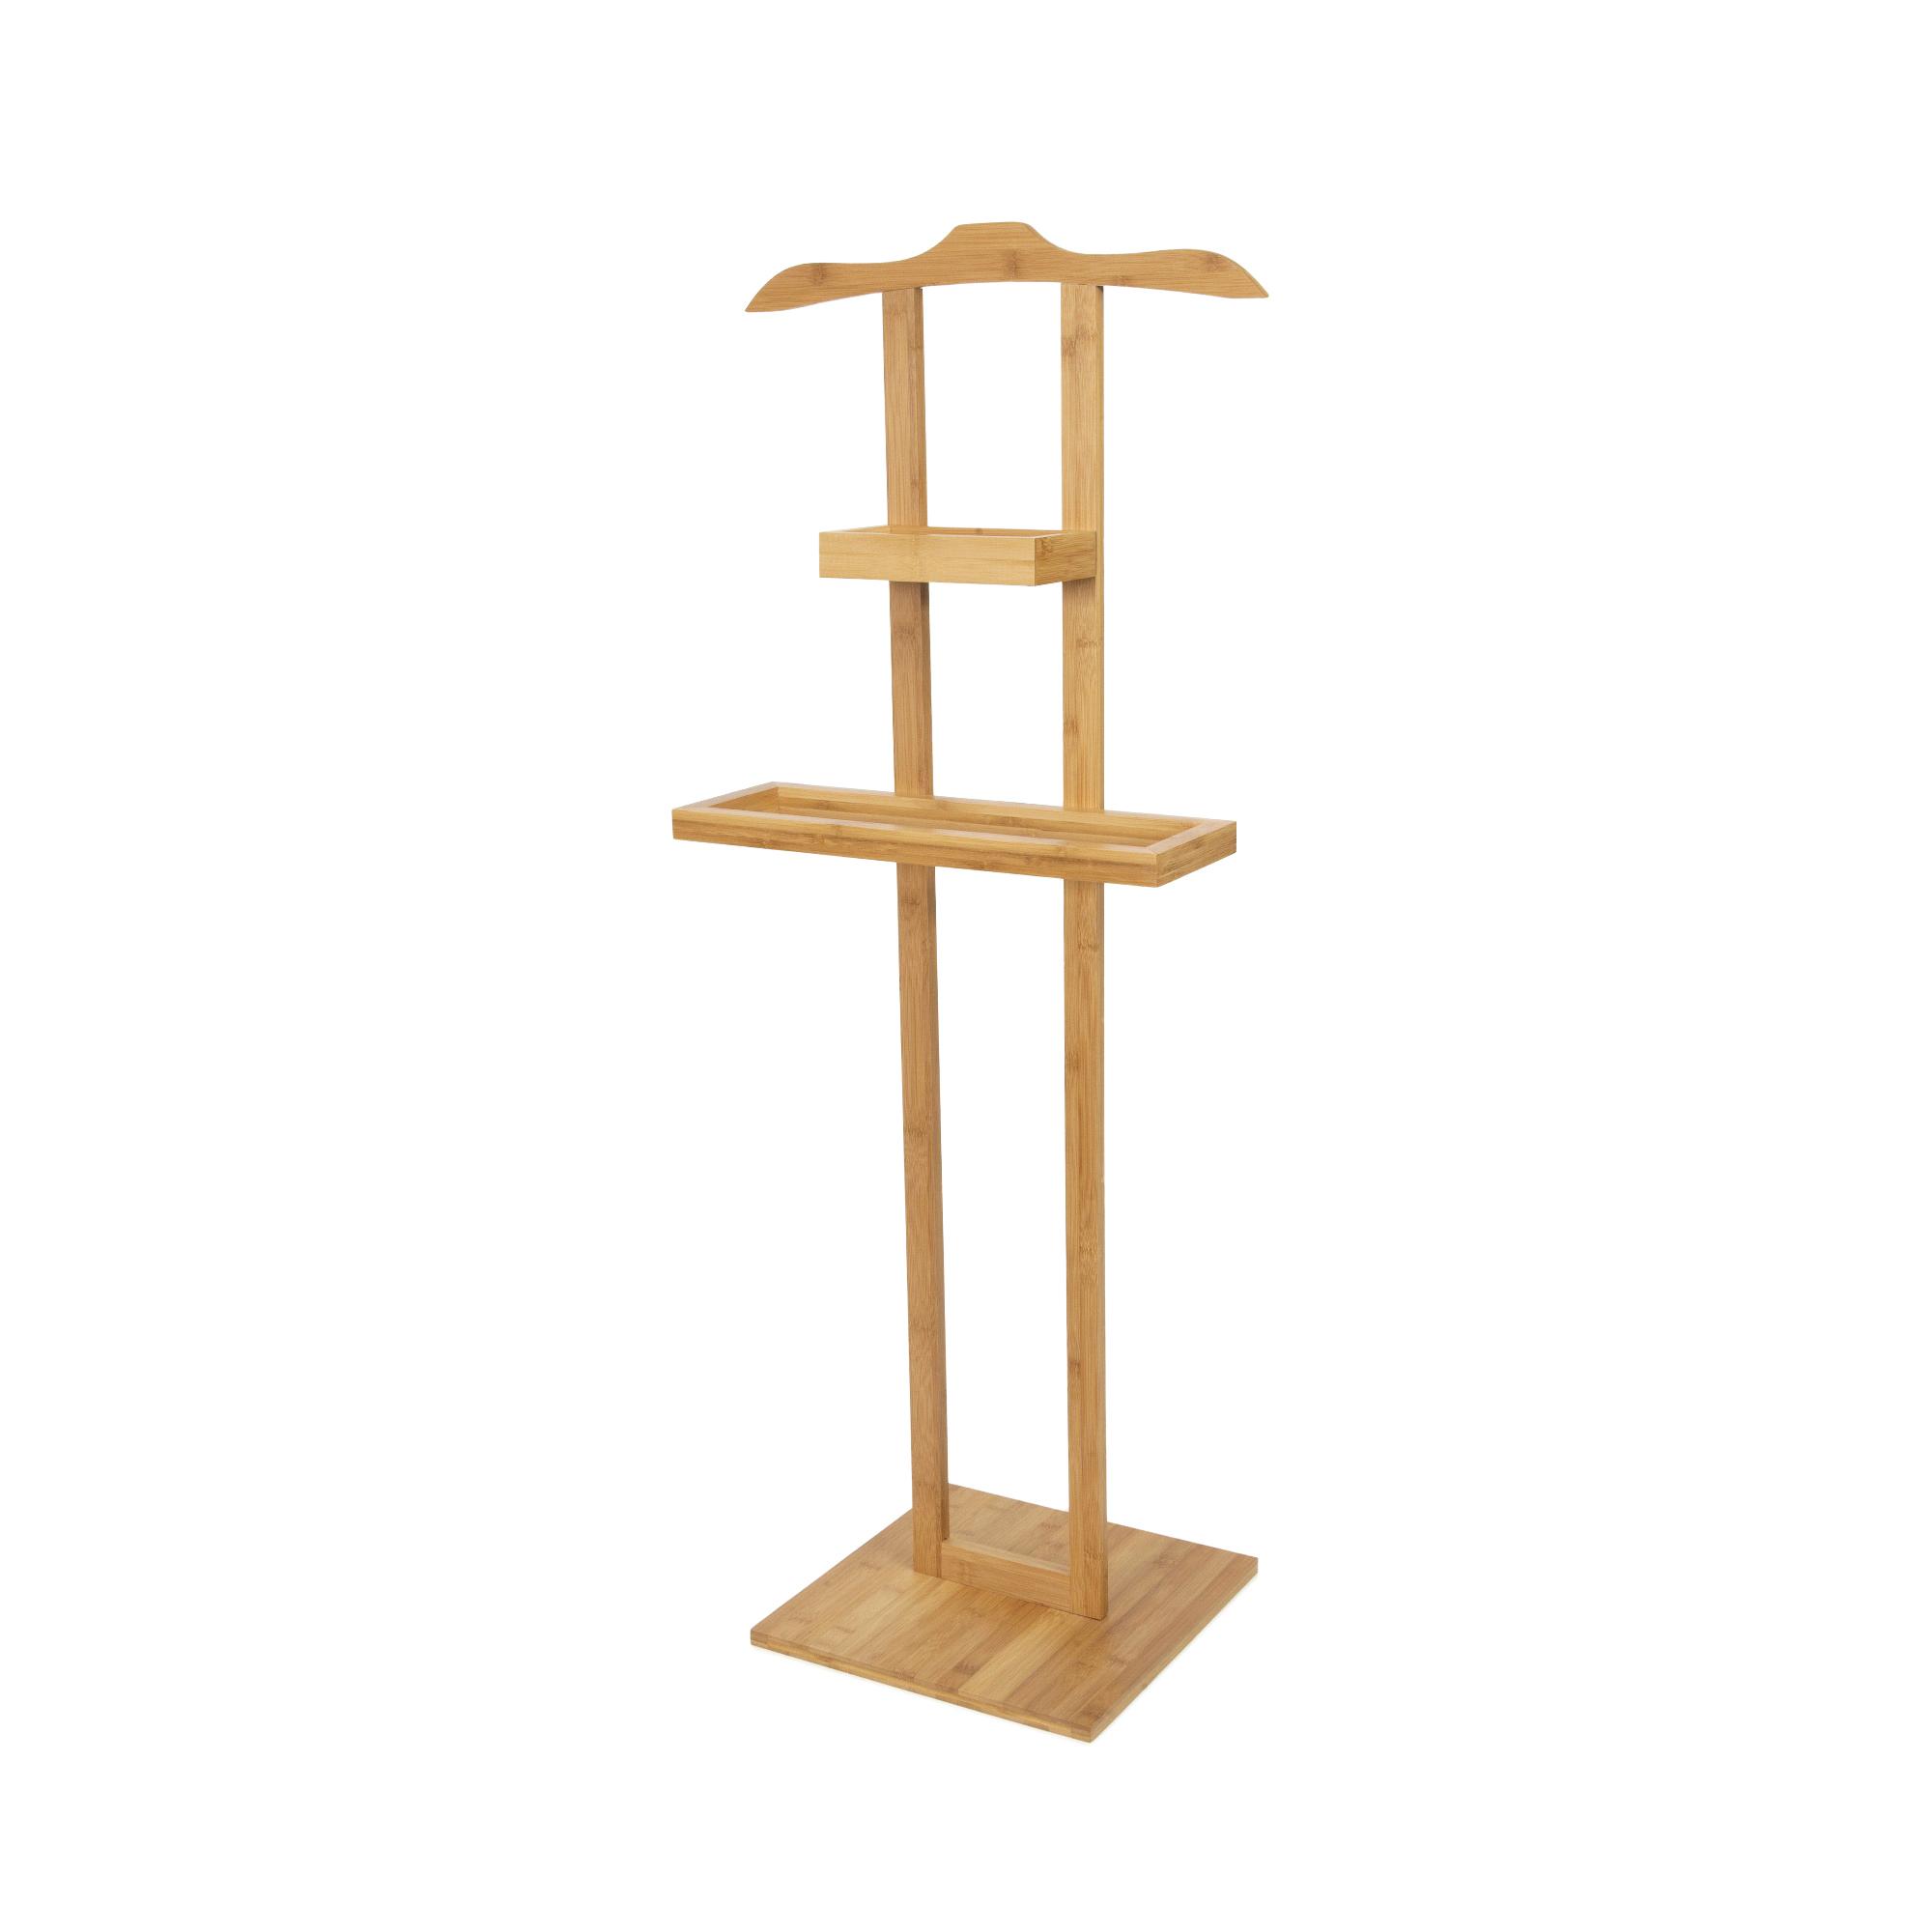 Valet de chambre en bois 2 étagères H115cm